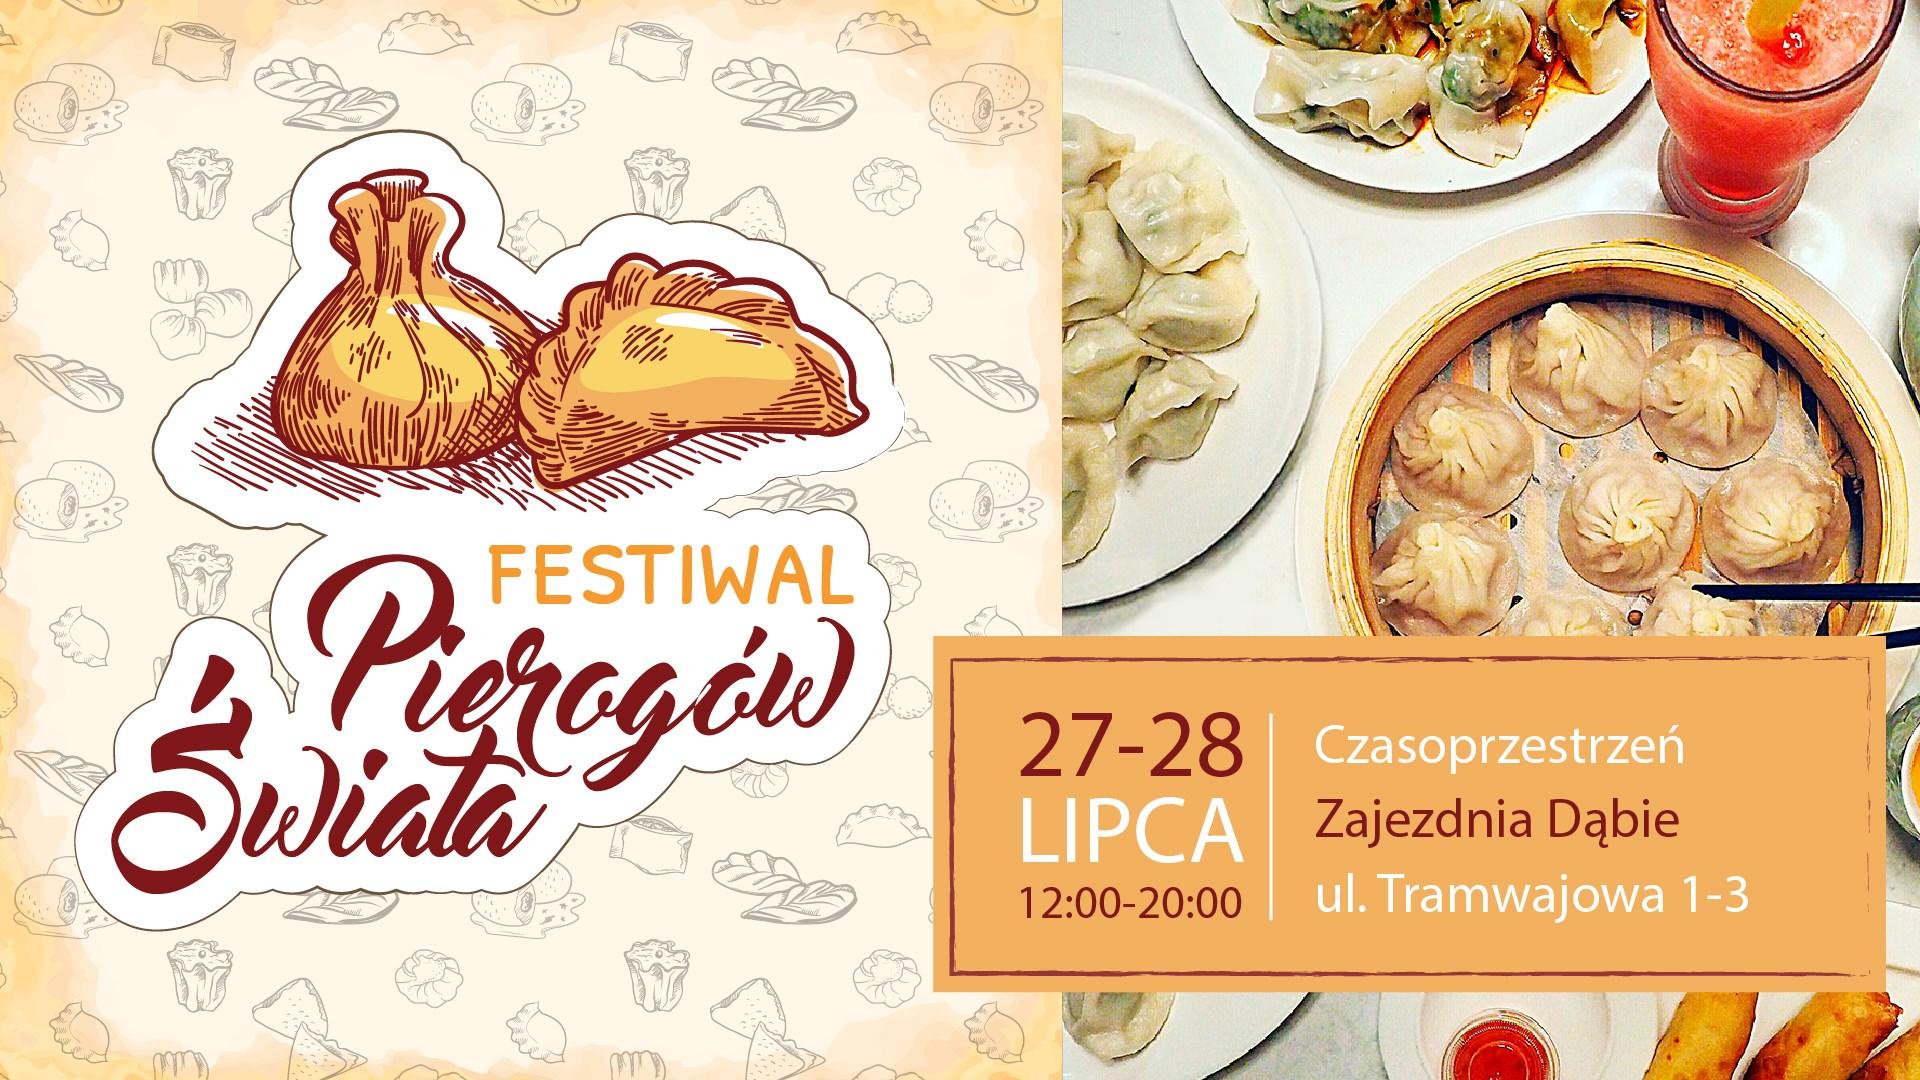 Festiwal Pierogów Świata Wrocław